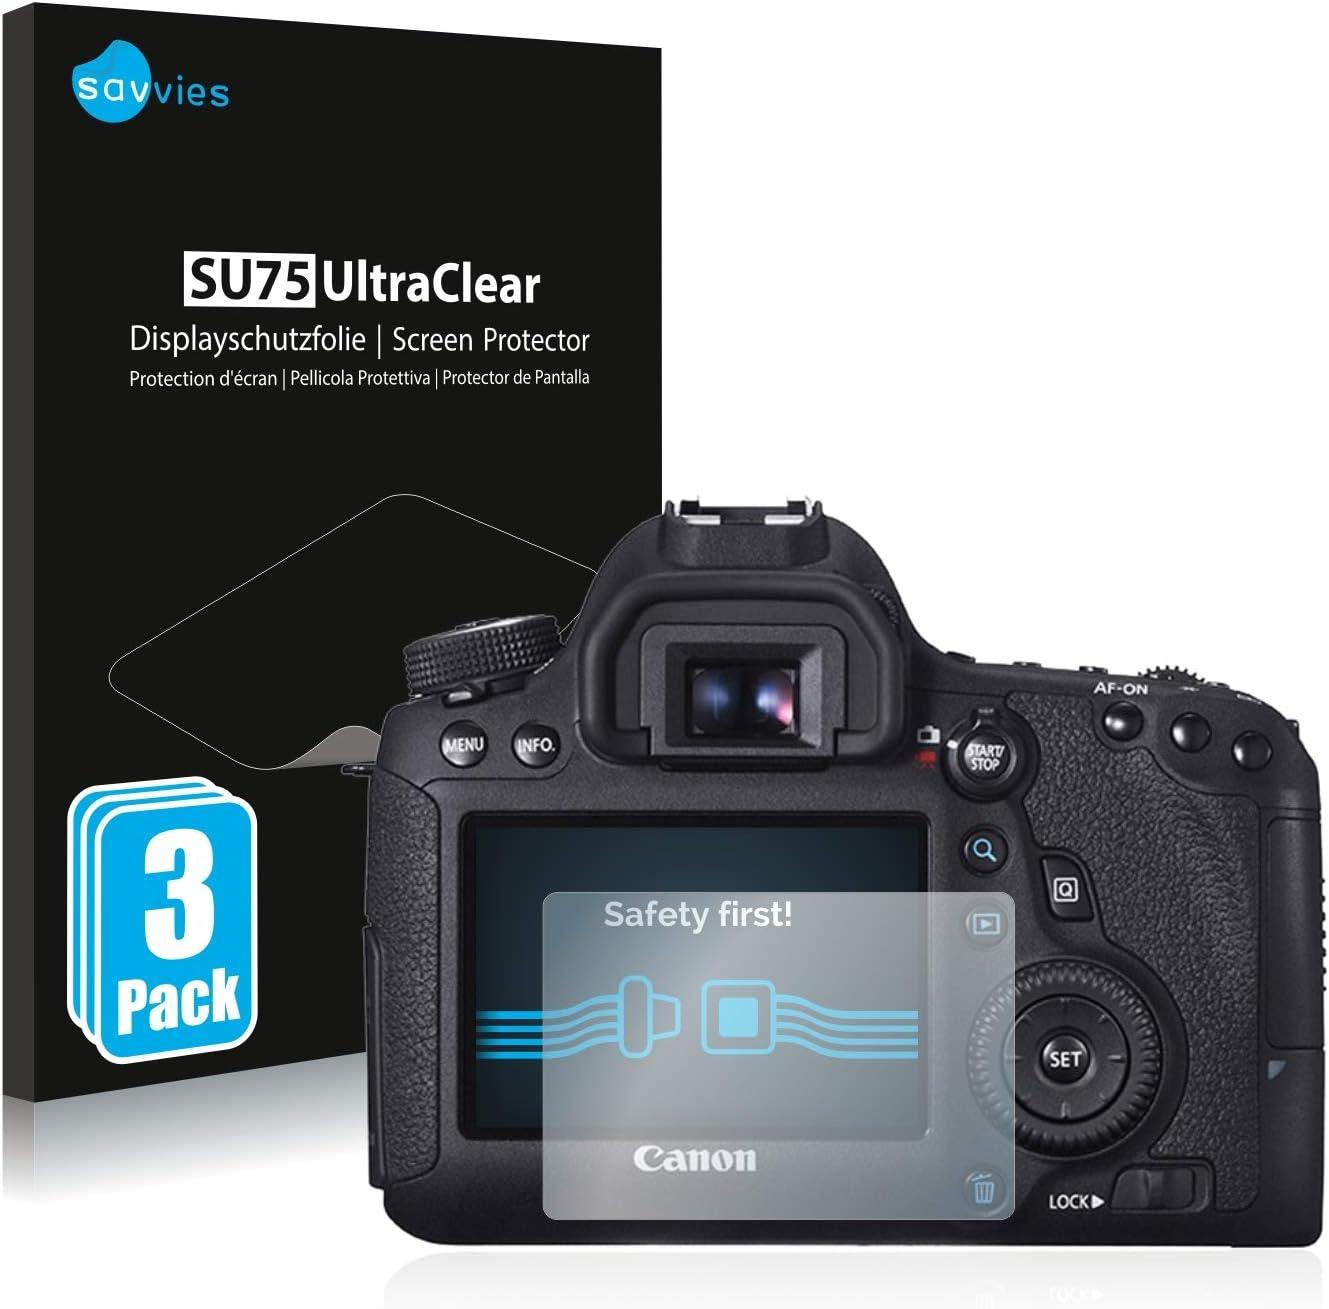 Savvies 6x Schutzfolie Kompatibel Mit Canon Eos 6d Elektronik